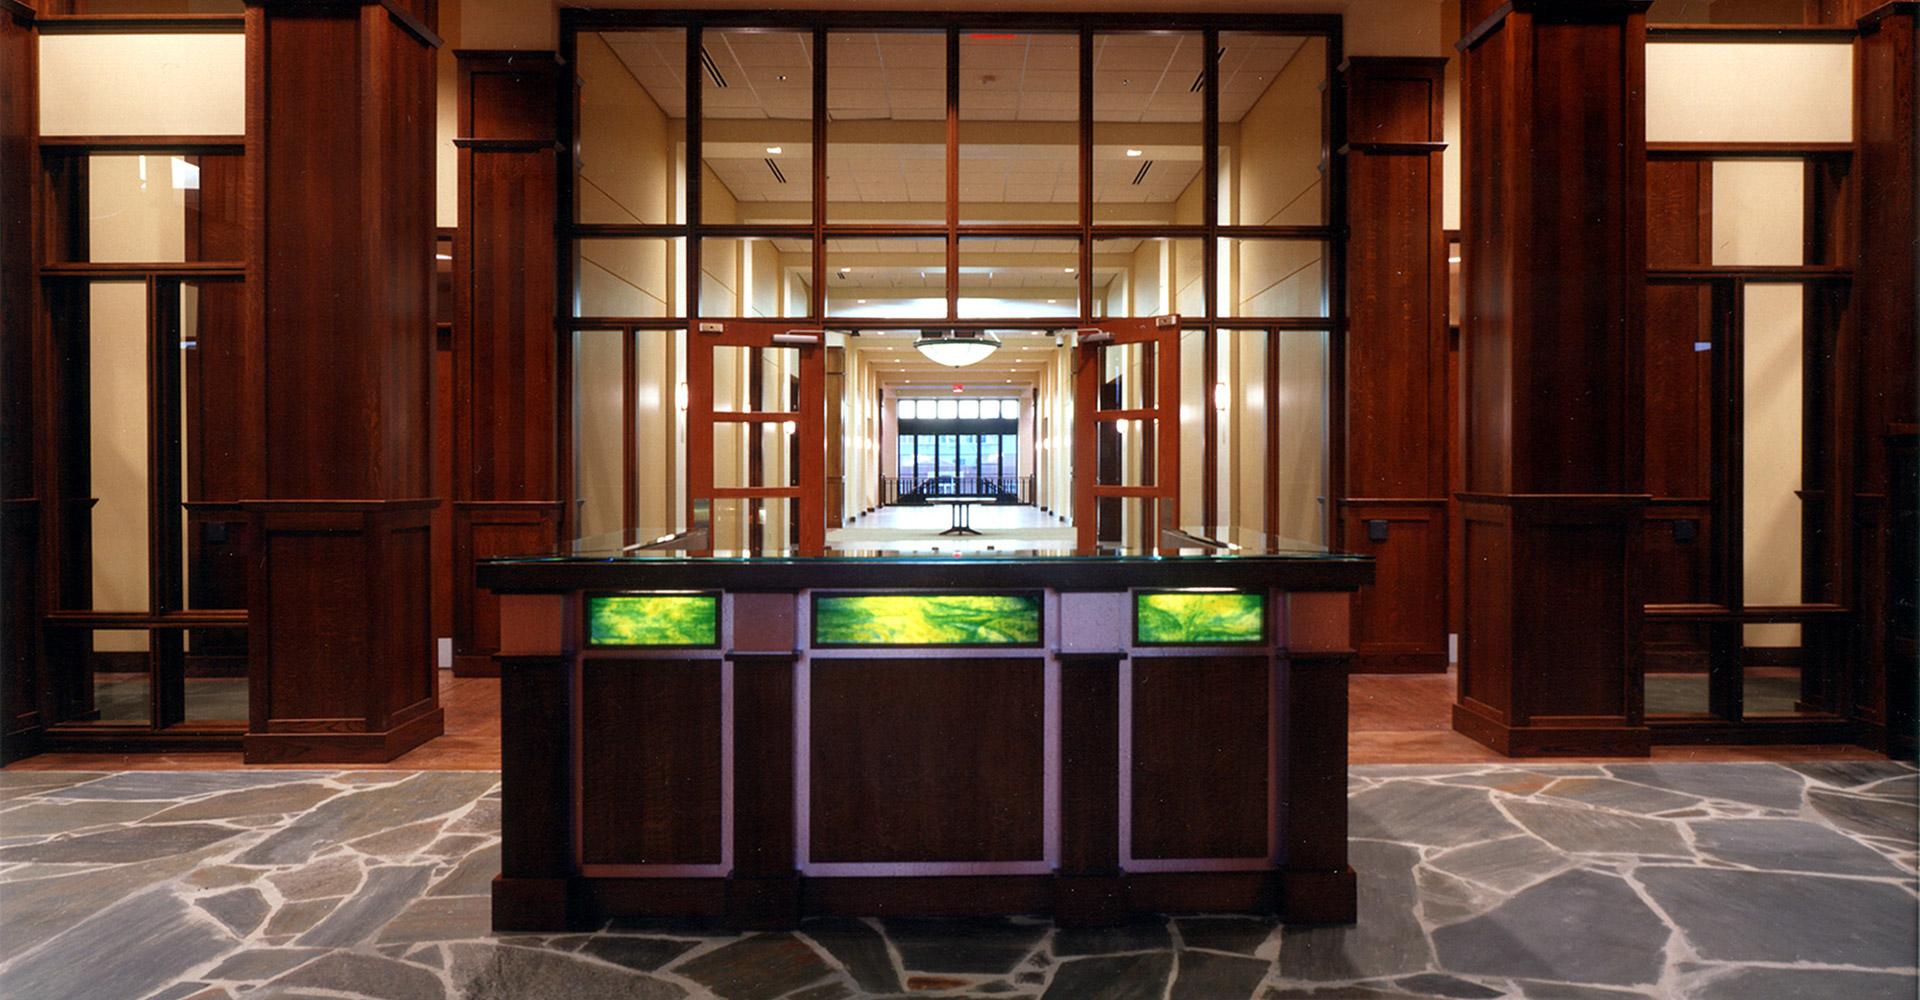 Interior entrance of ADT Denver office.